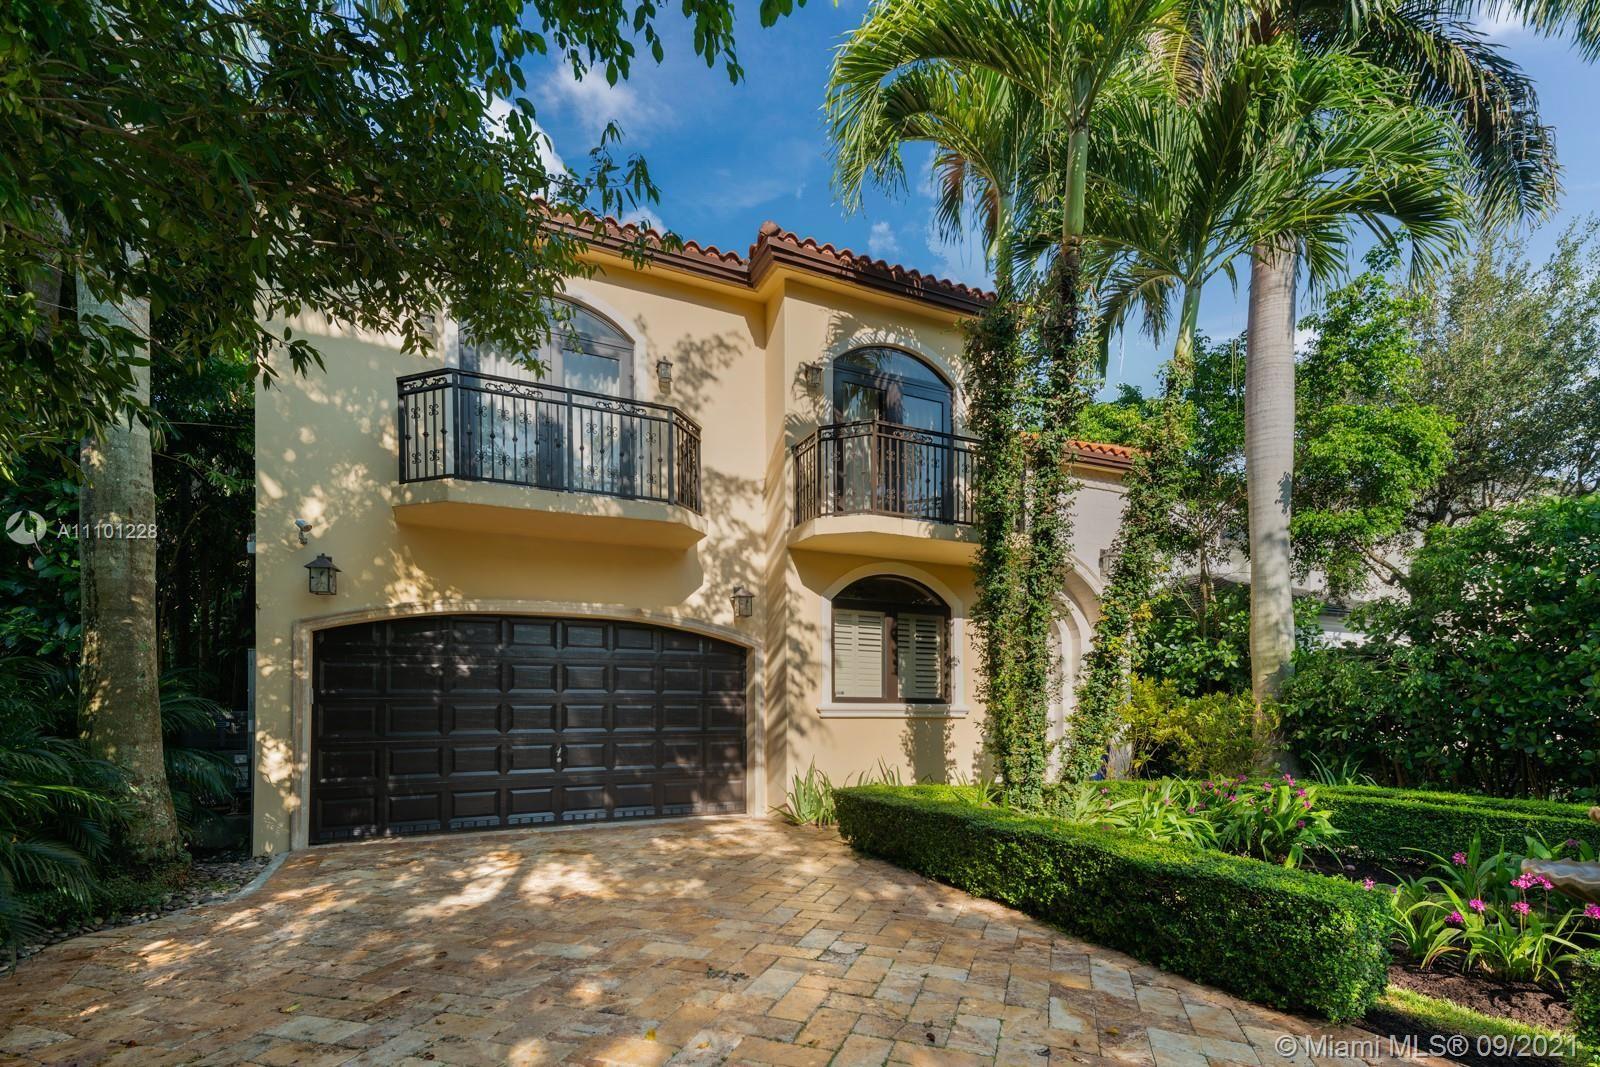 6636 SW 69th Ave, Miami, FL 33143 - #: A11101228